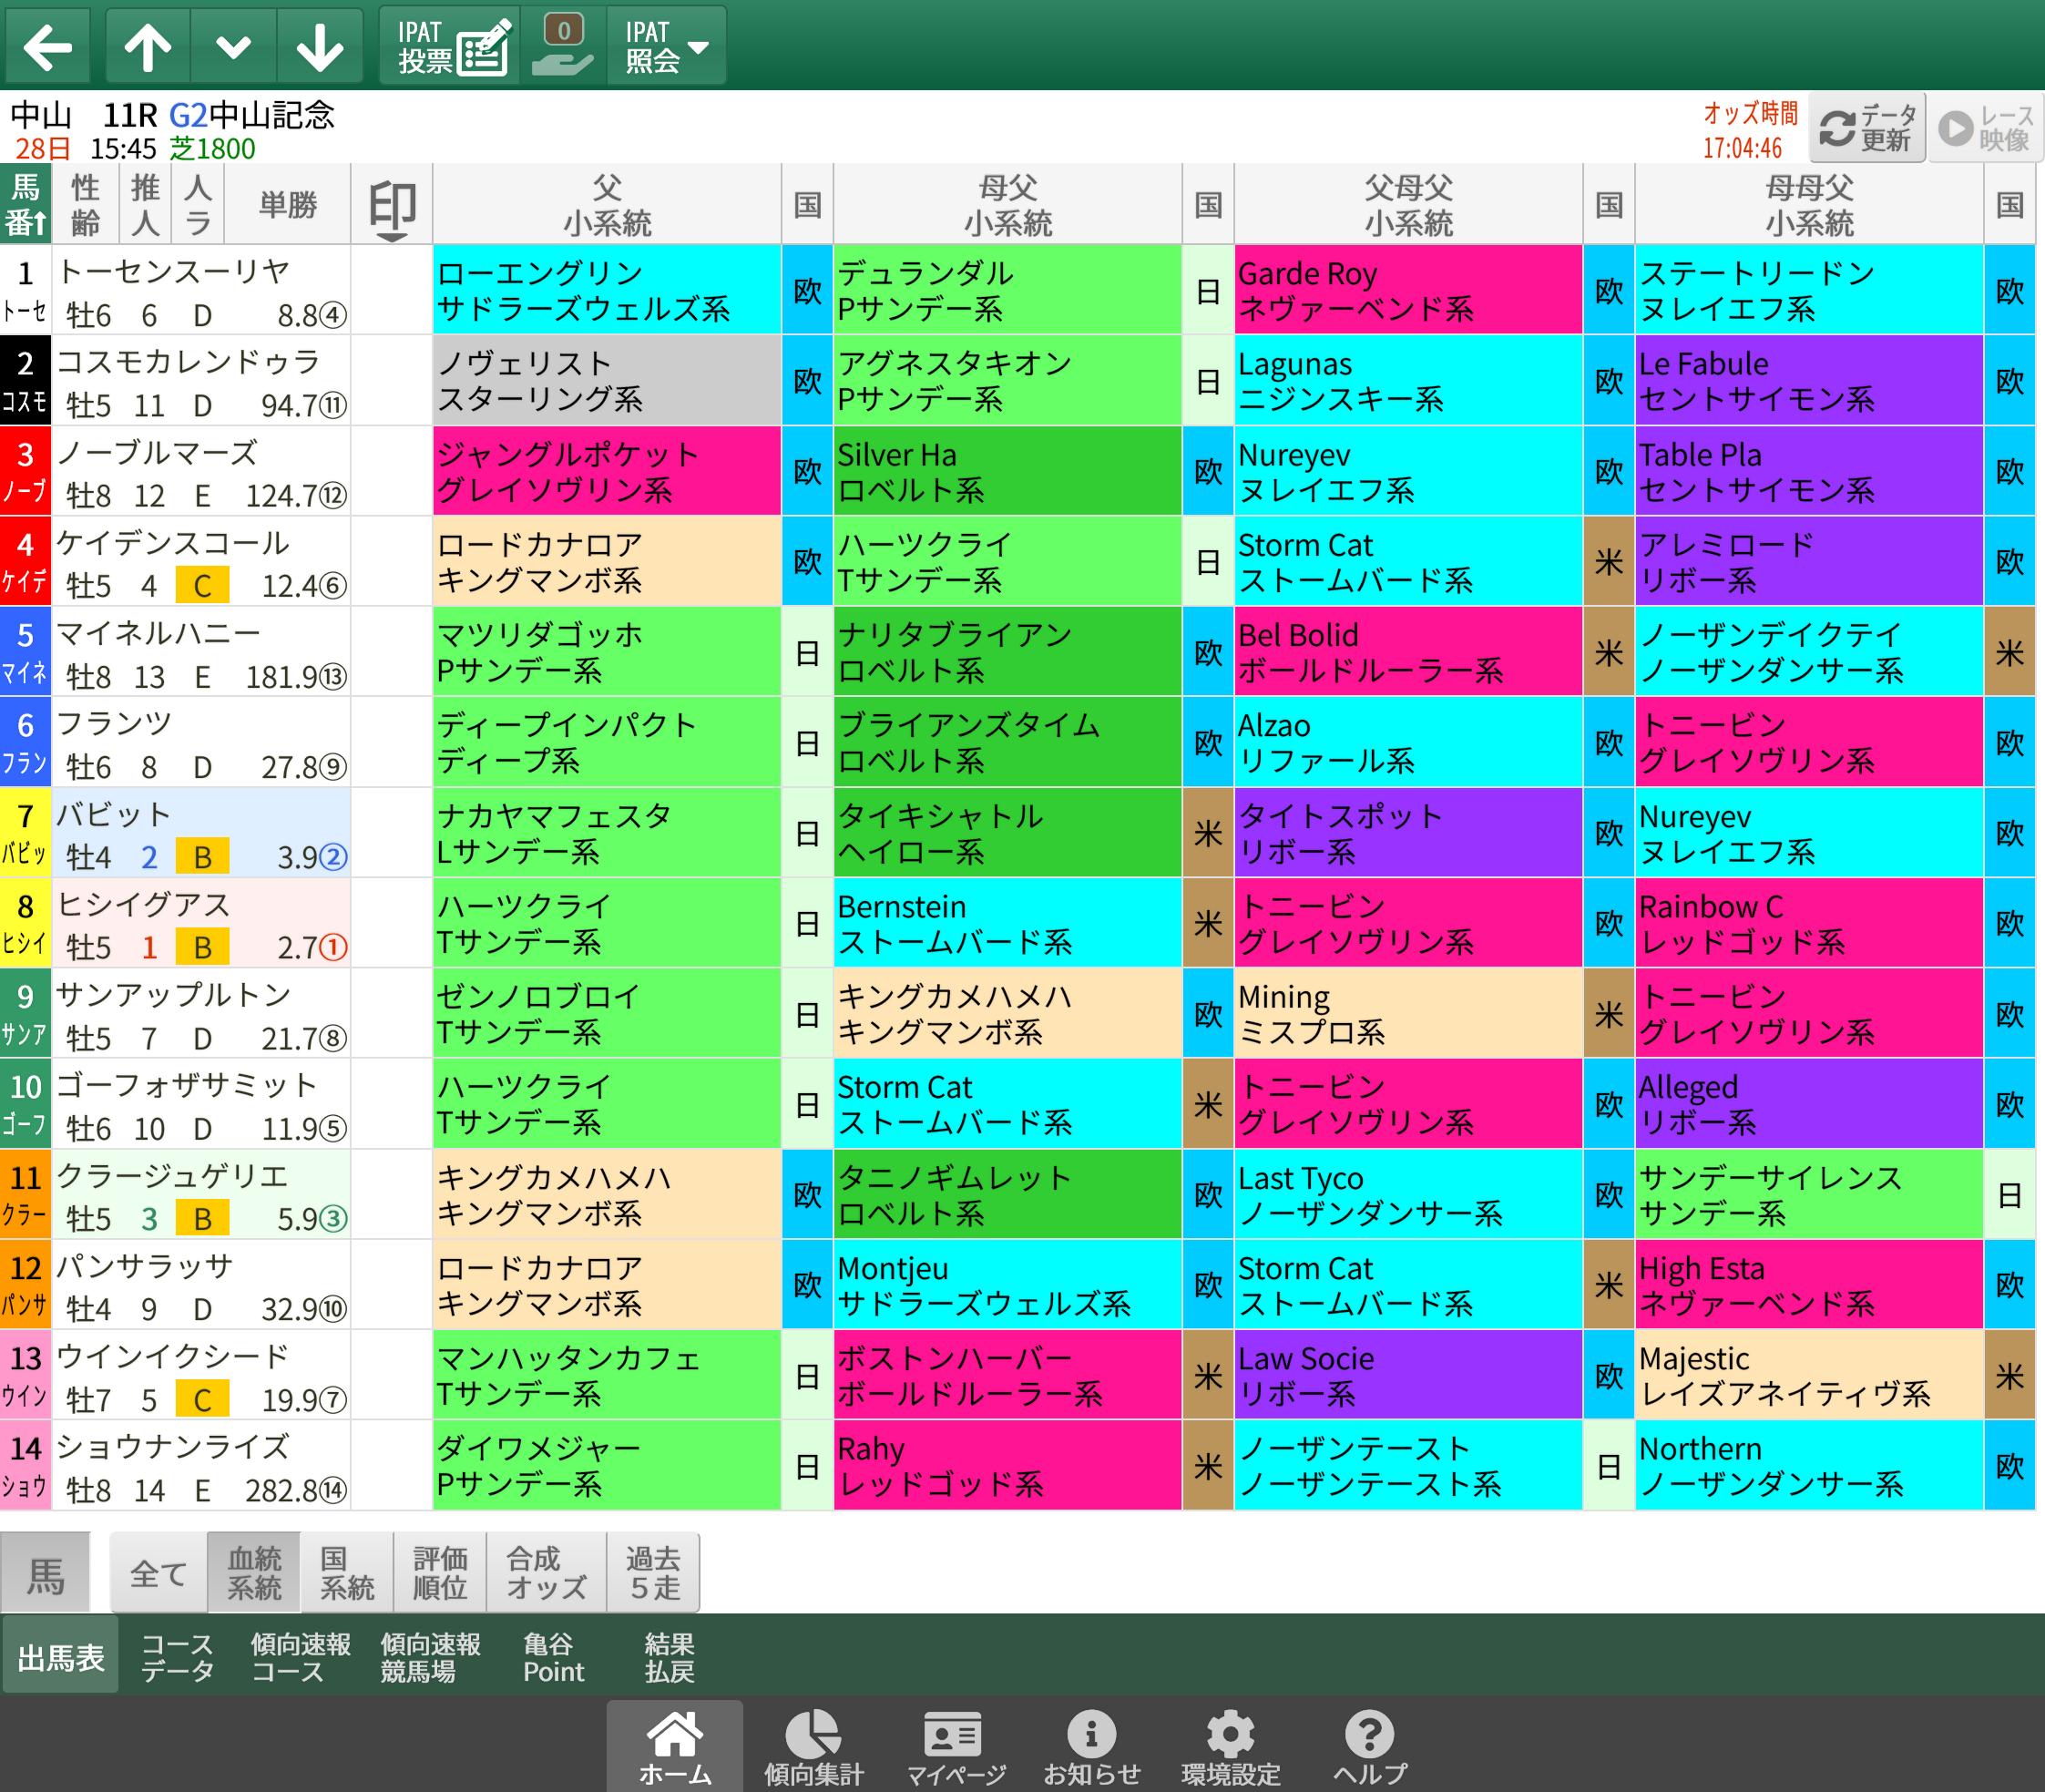 【無料公開】中山記念 / 亀谷サロン限定公開中のスマート出馬表・次期バージョン